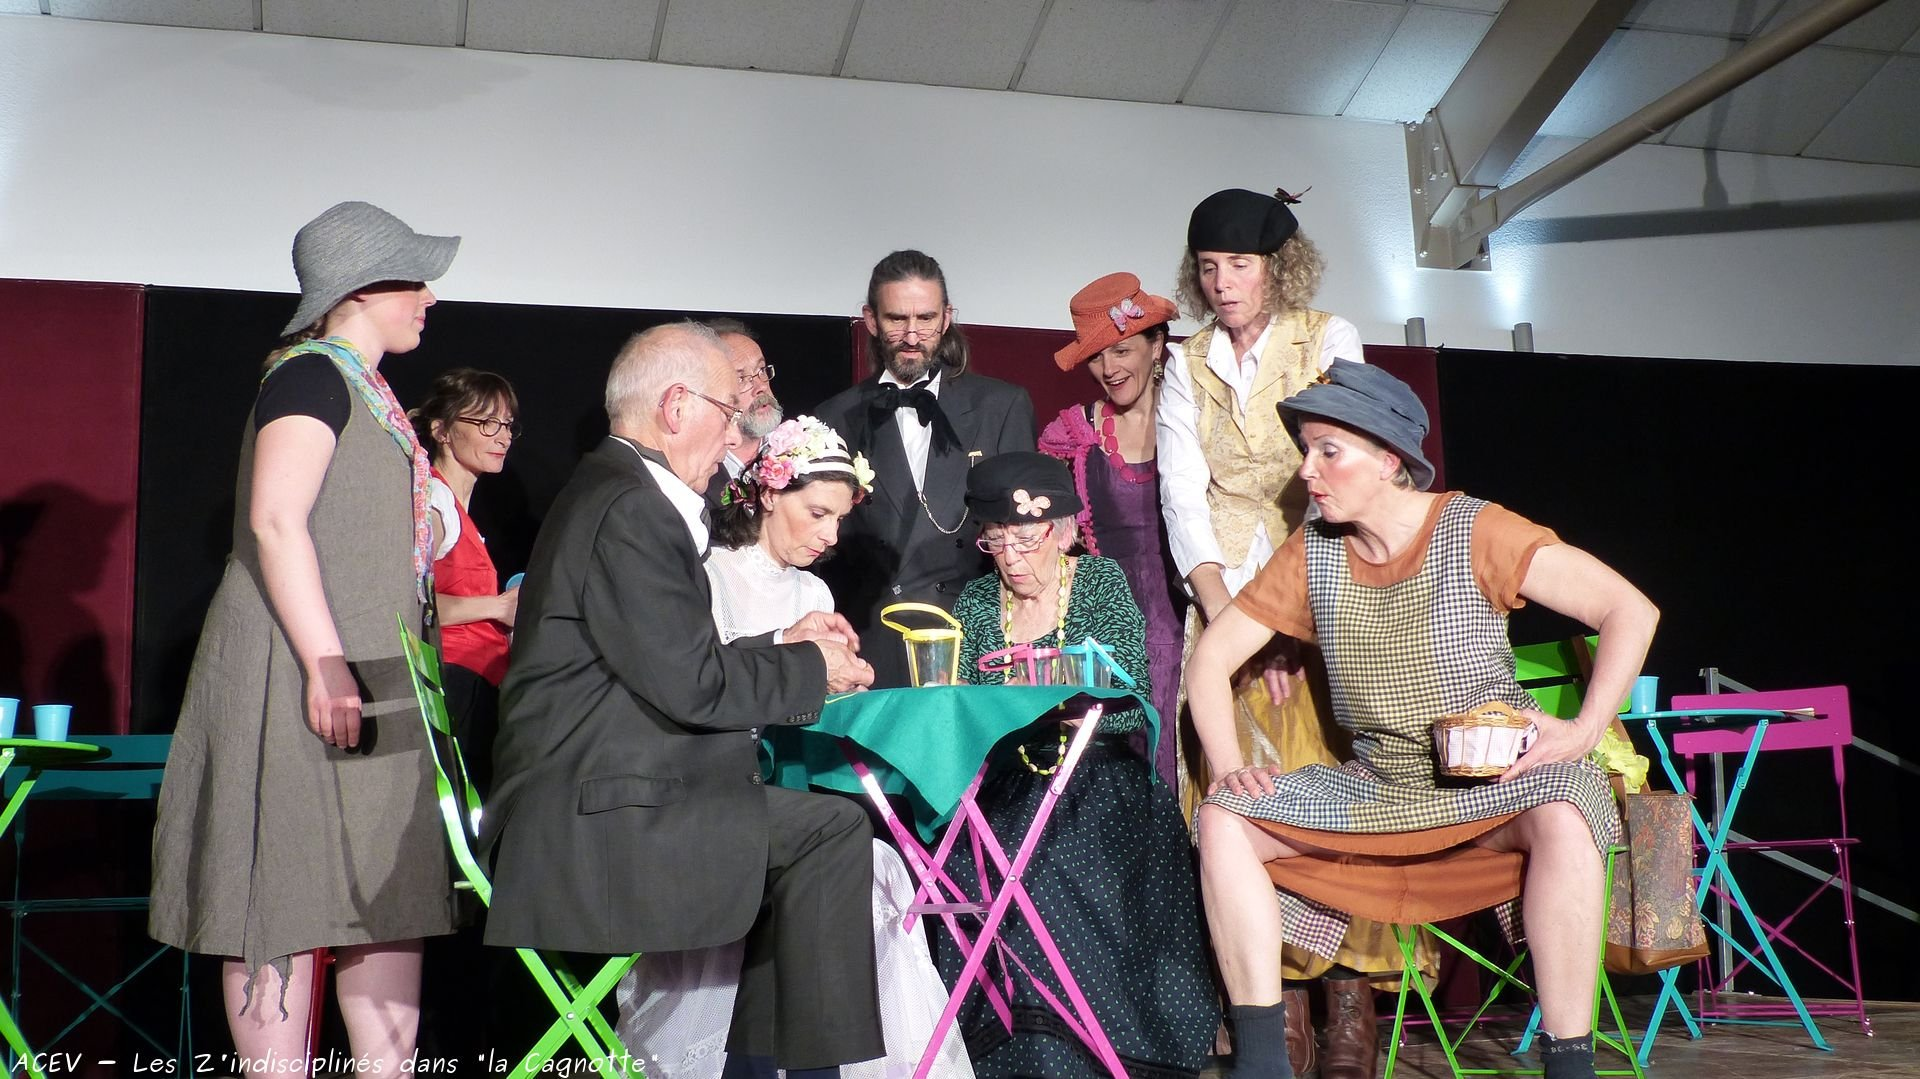 """Théâtre """"La Cagnotte"""" par les Z'Indisciplinés<span class=""""rating-result after_title mr-filter rating-result-20776"""" ><span class=""""no-rating-results-text"""">.</span></span>"""